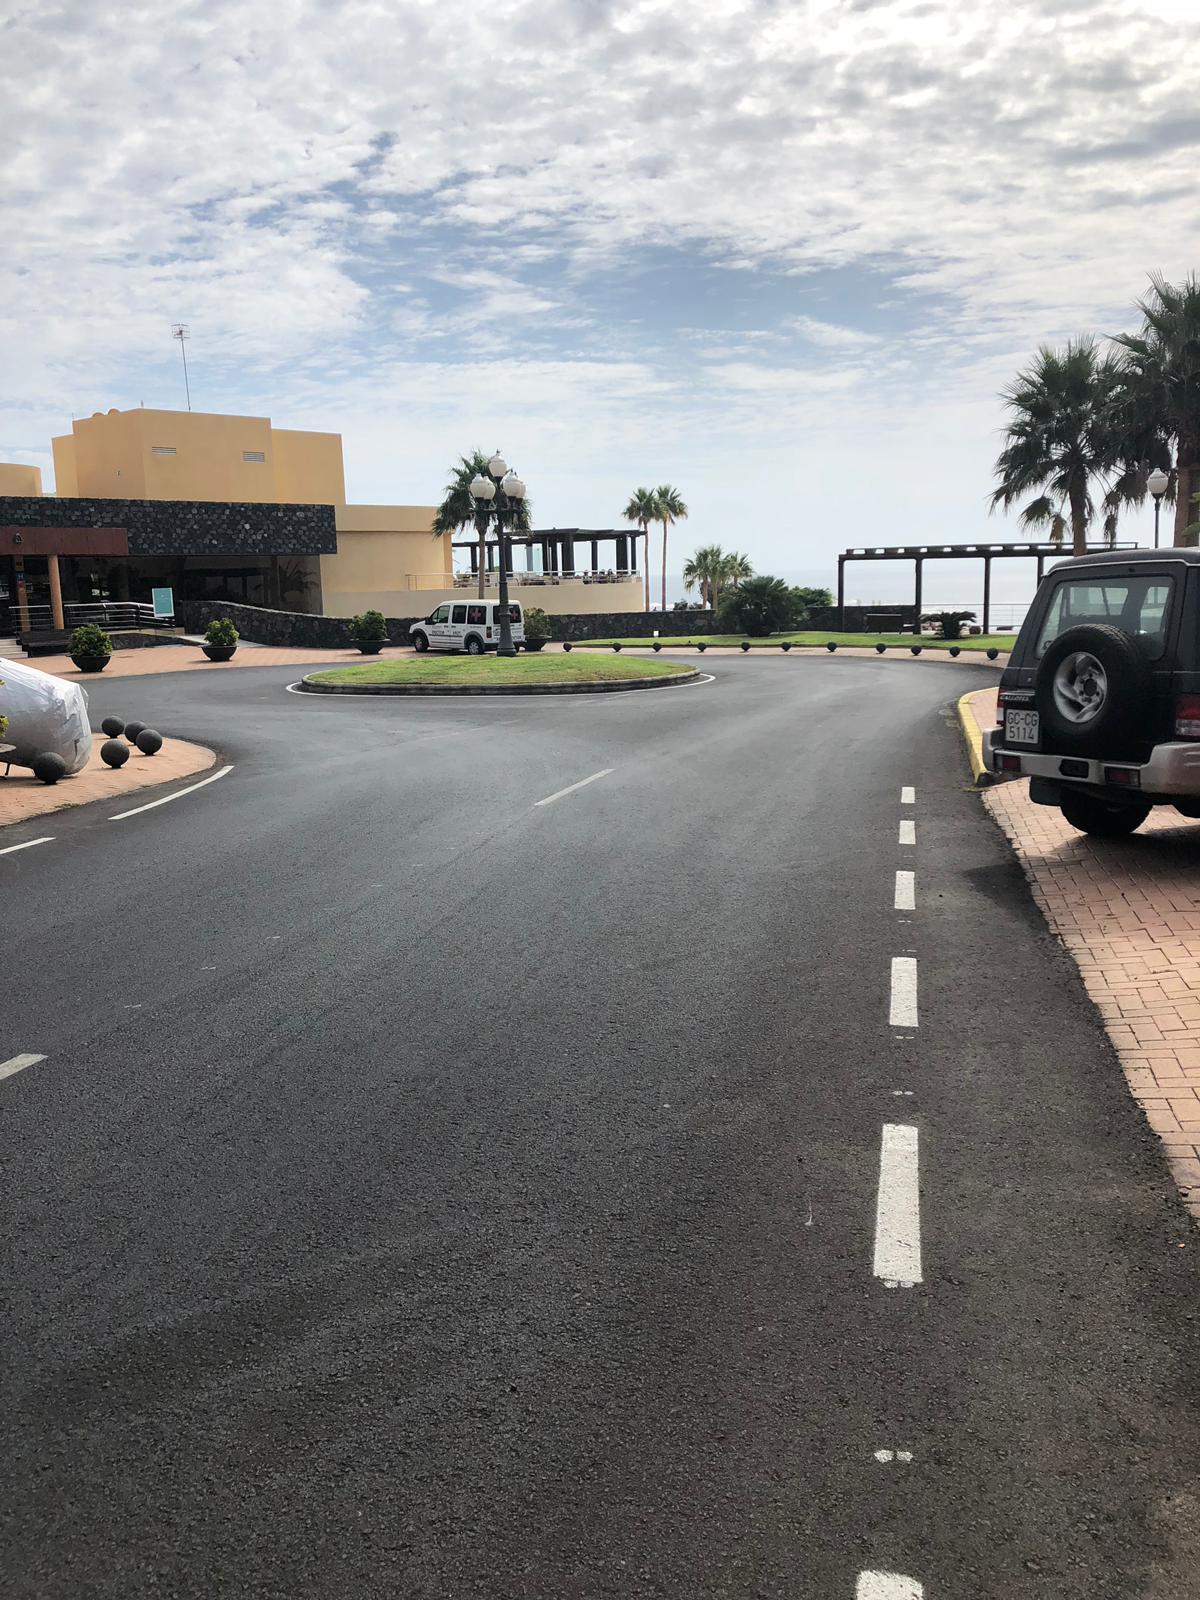 Zona aparcamientos Hotel Iberostar en Morro Jable-Jandía